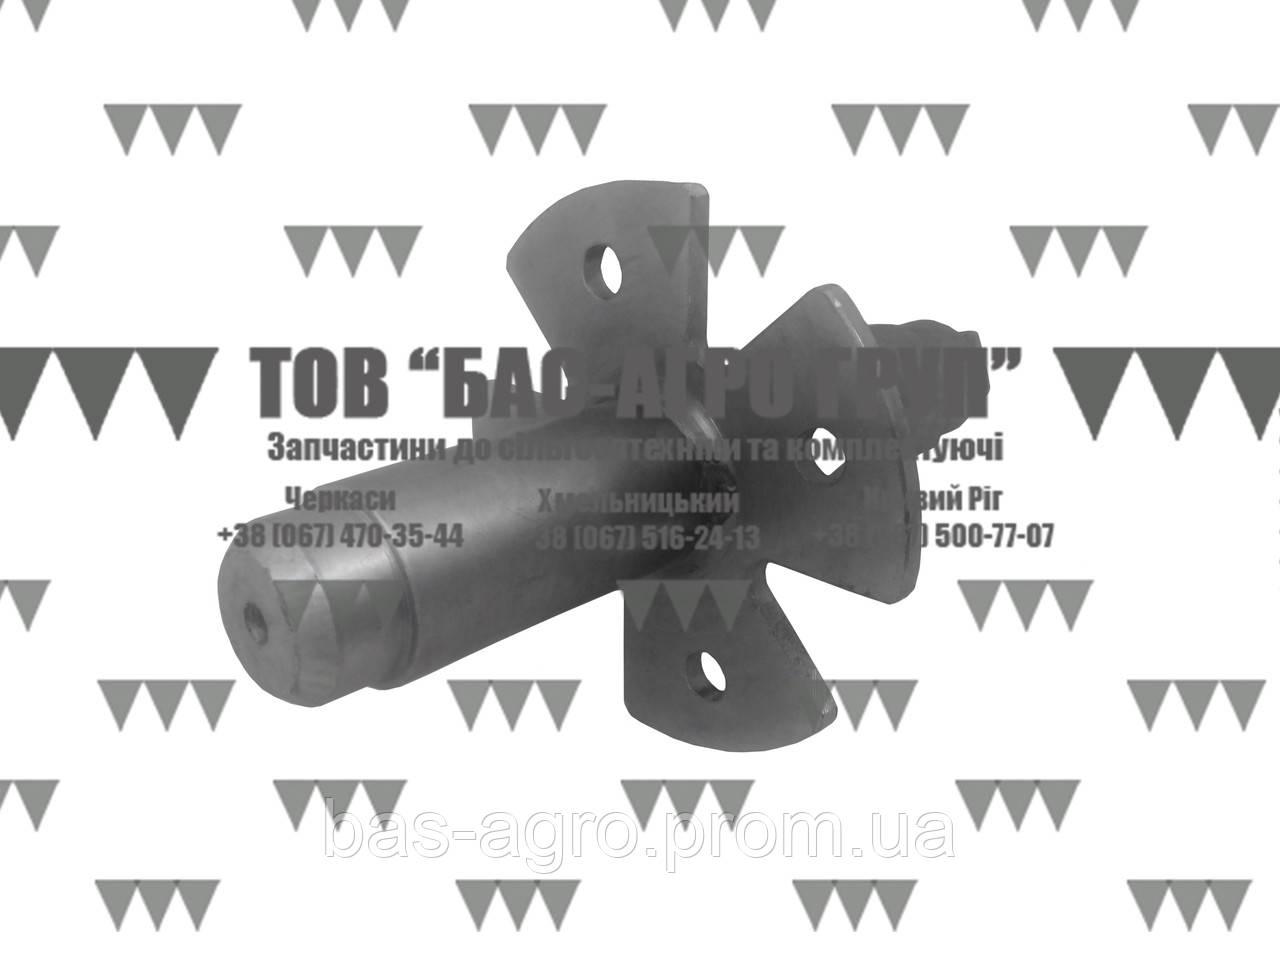 Ступица Gaspardo G17630020 аналог